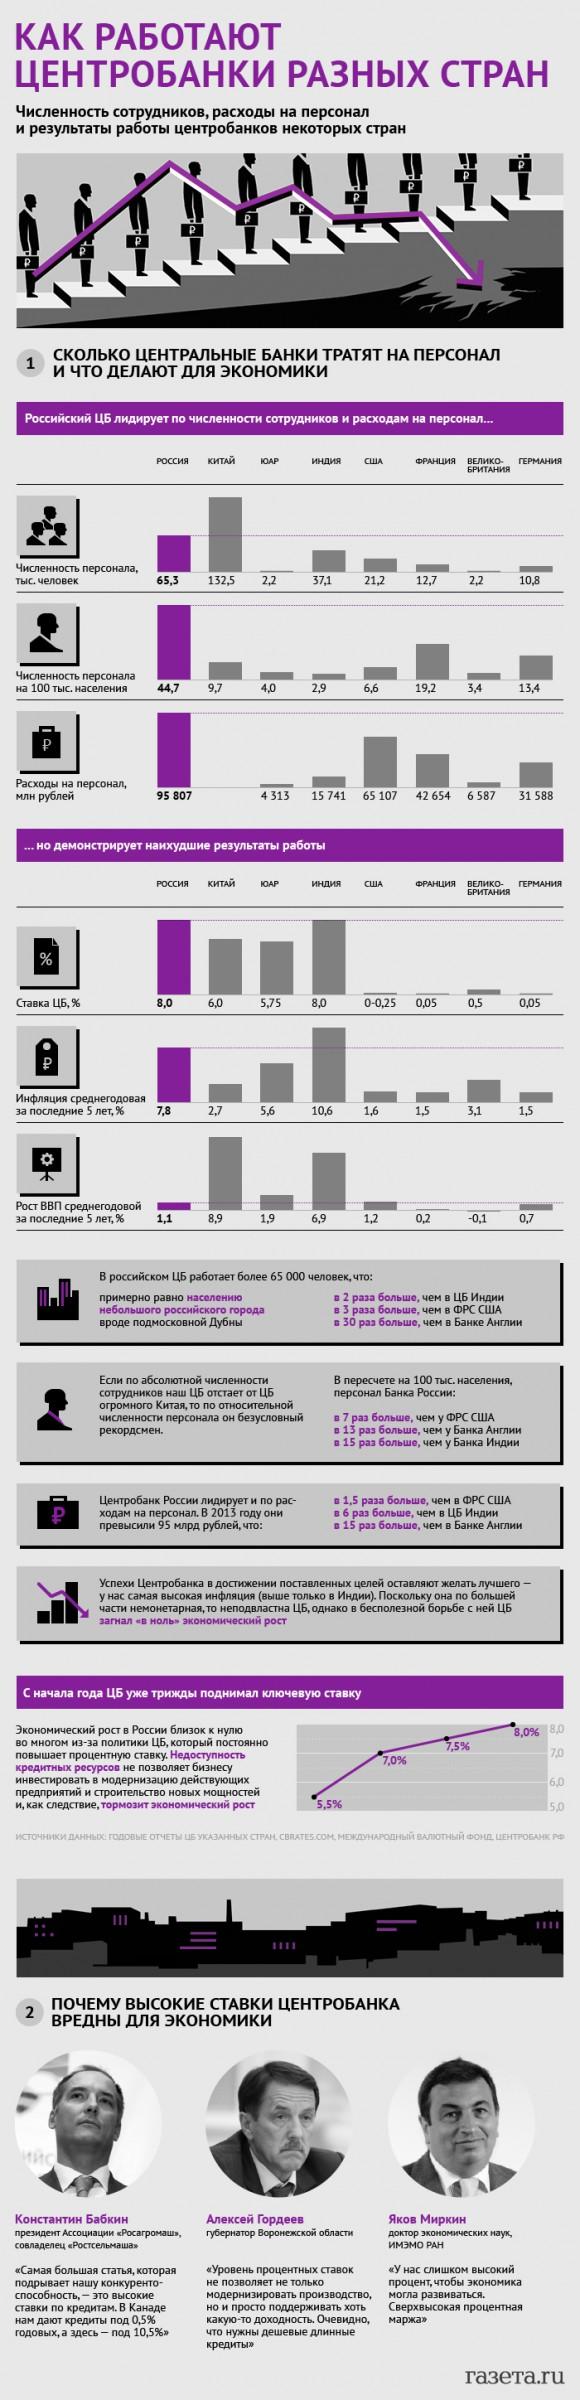 Как работают центробанки разных стран (2014)